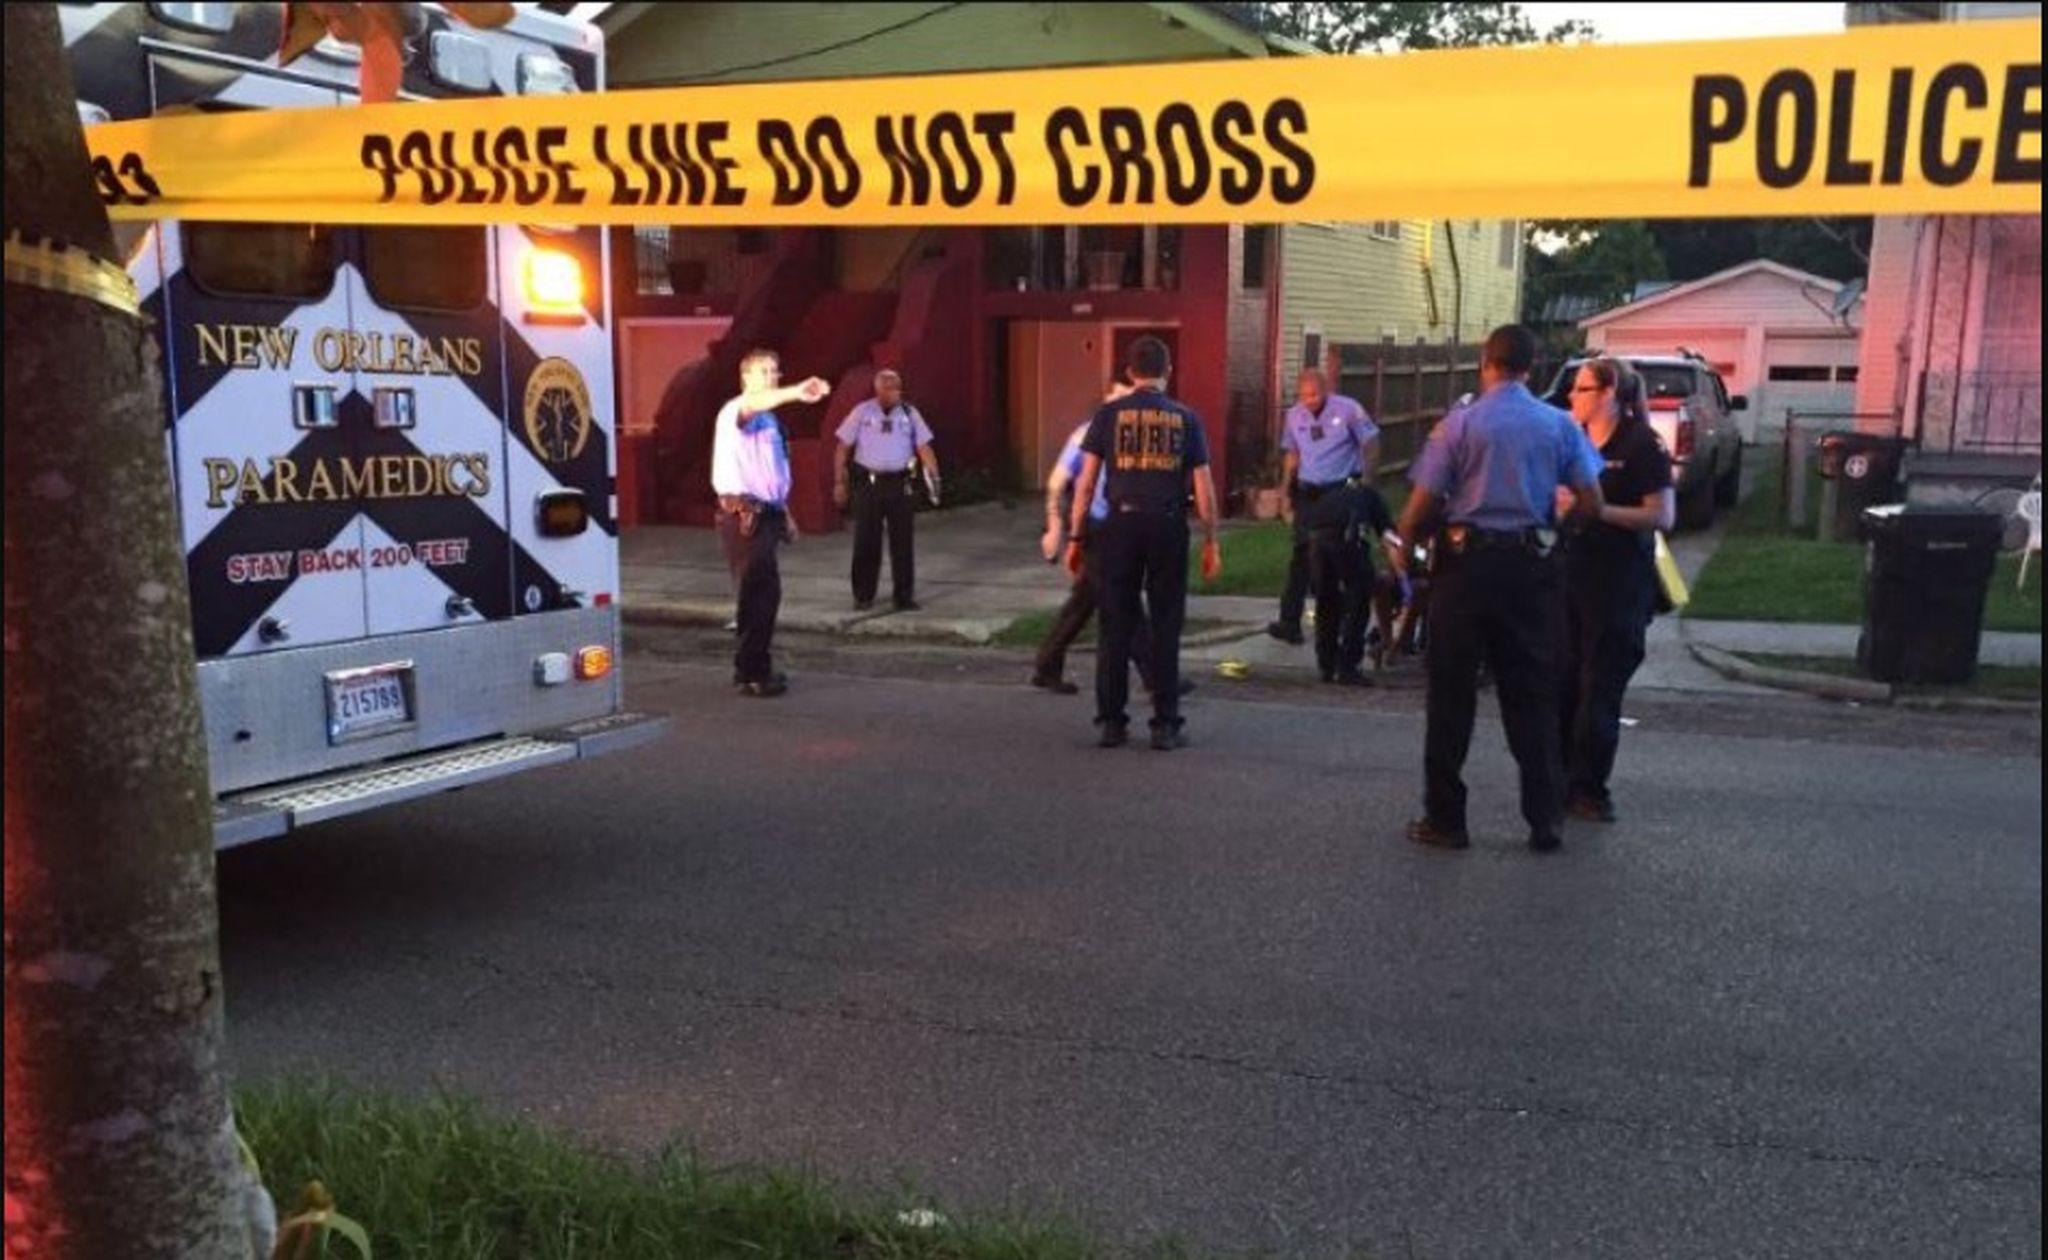 FullSizeRender47 Ambulancier : le site de référence EMS Nouvelle Orléans - Un ambulancier parmi les paramedics